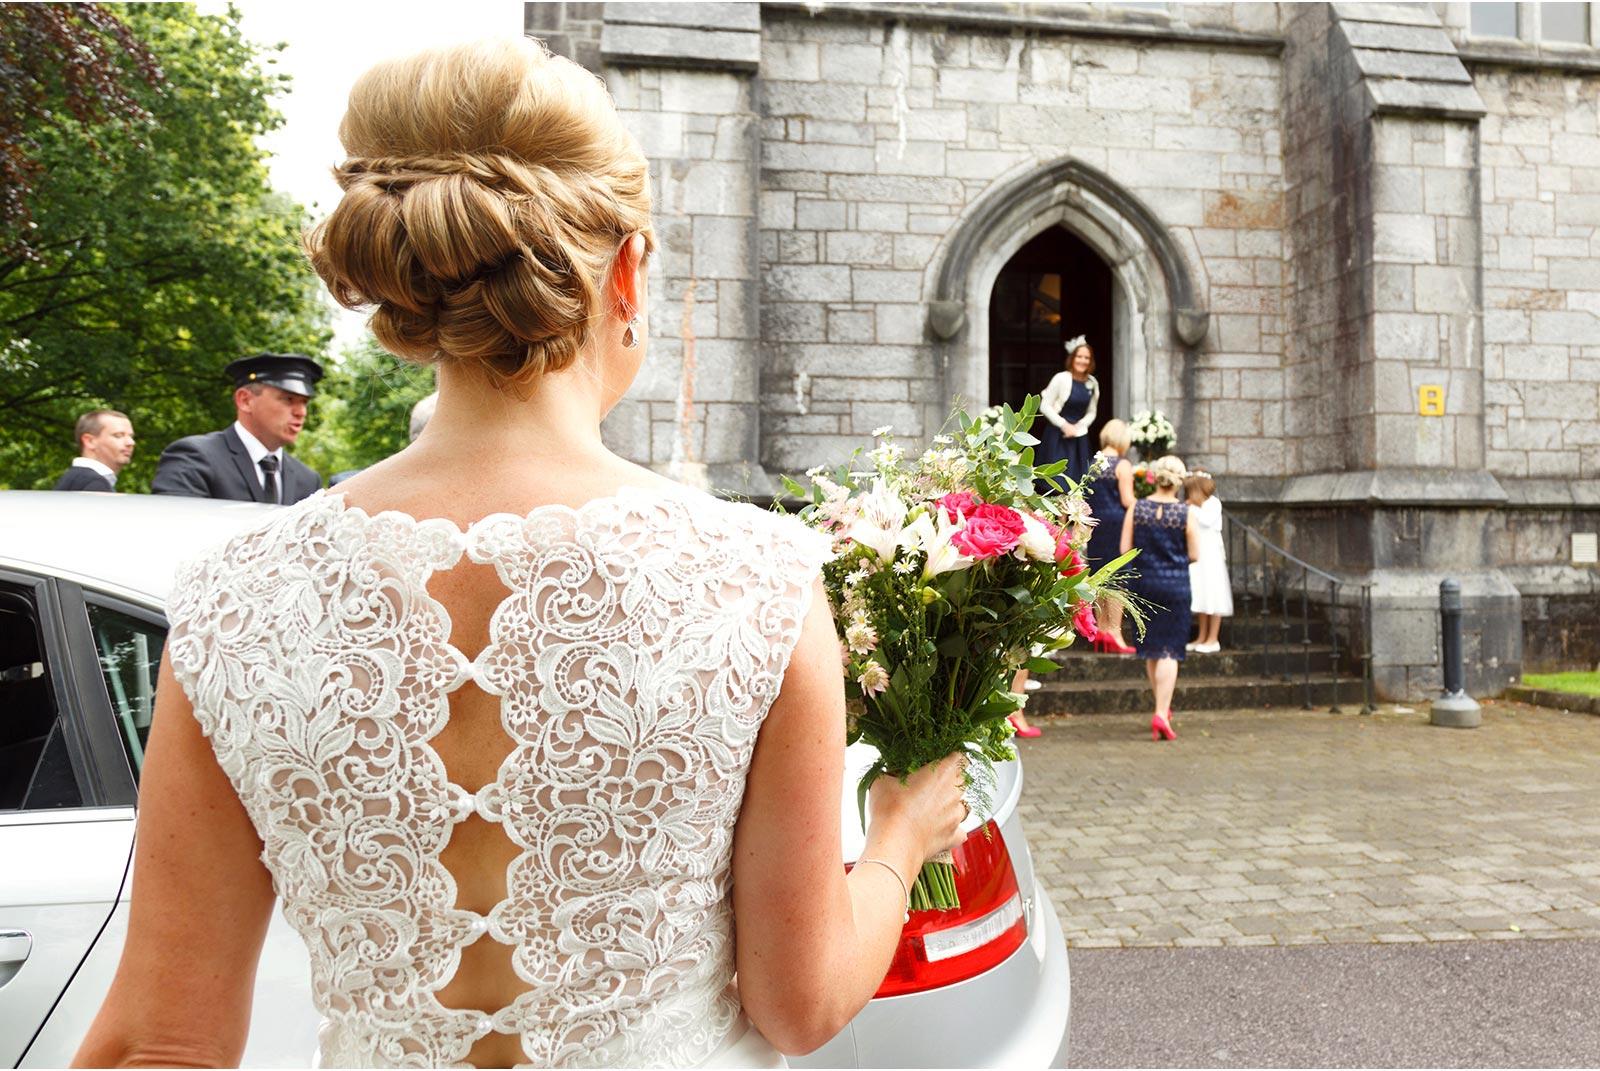 Bridal Bliss Blackpool, back of wedding dress, UCC, Aula Maxima, Cork wedding photogrphers